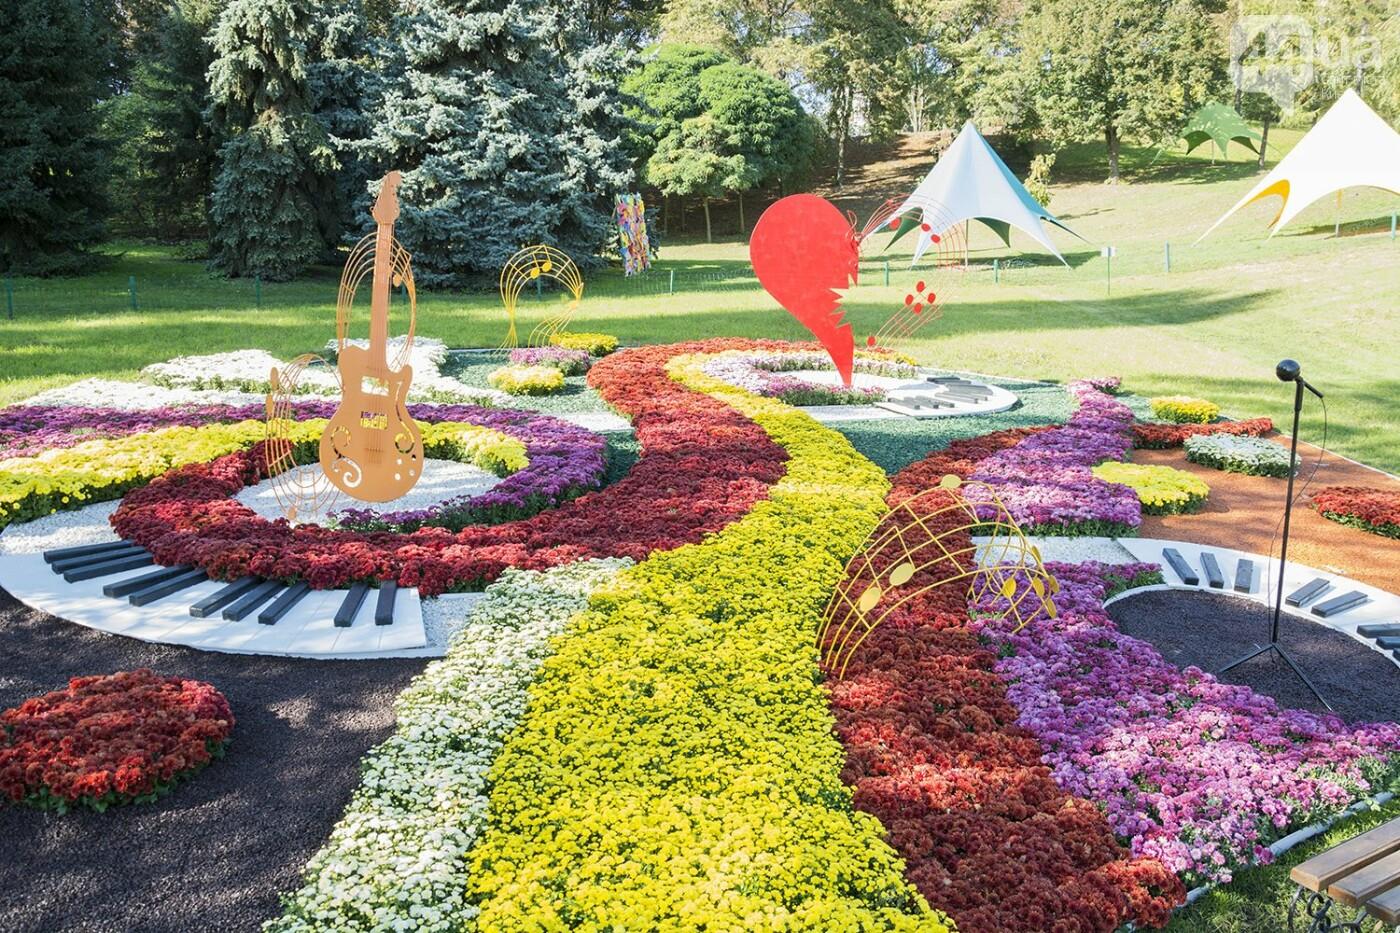 С музыкой и цветами: в Киеве стартовал красочный фестиваль хризантем, - ФОТОРЕПОРТАЖ, фото-9